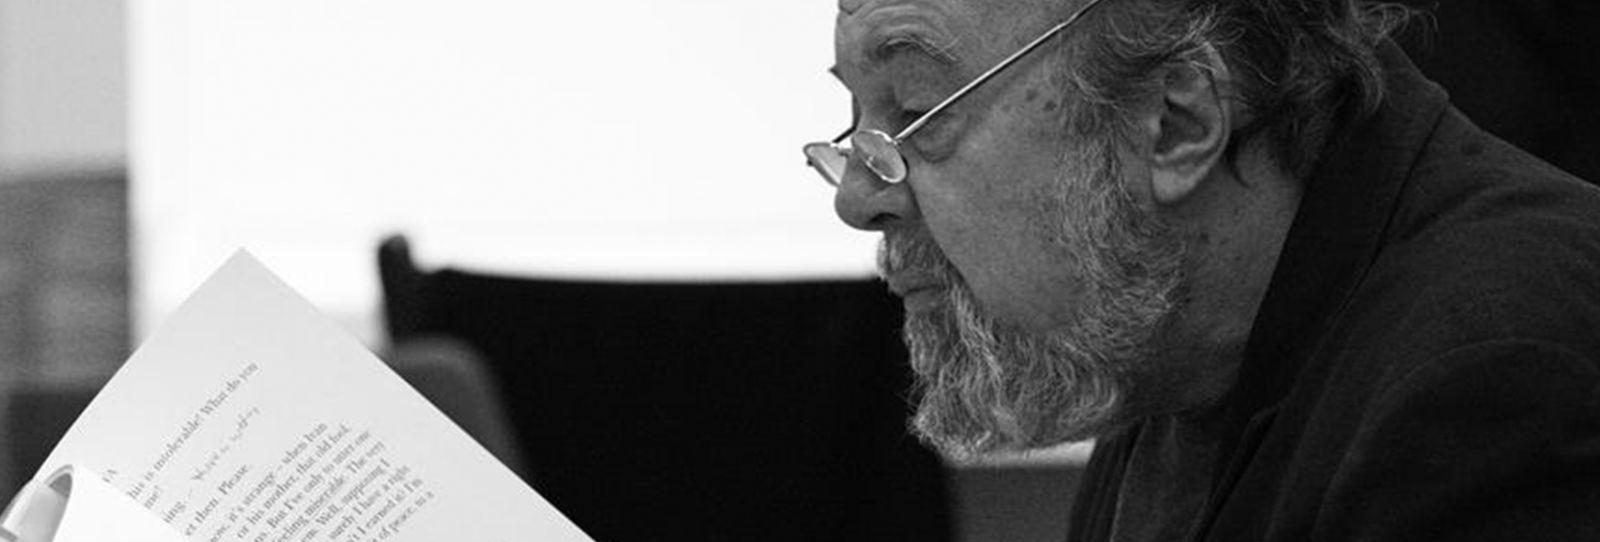 Peter Hall Emerging Artists Fellowship